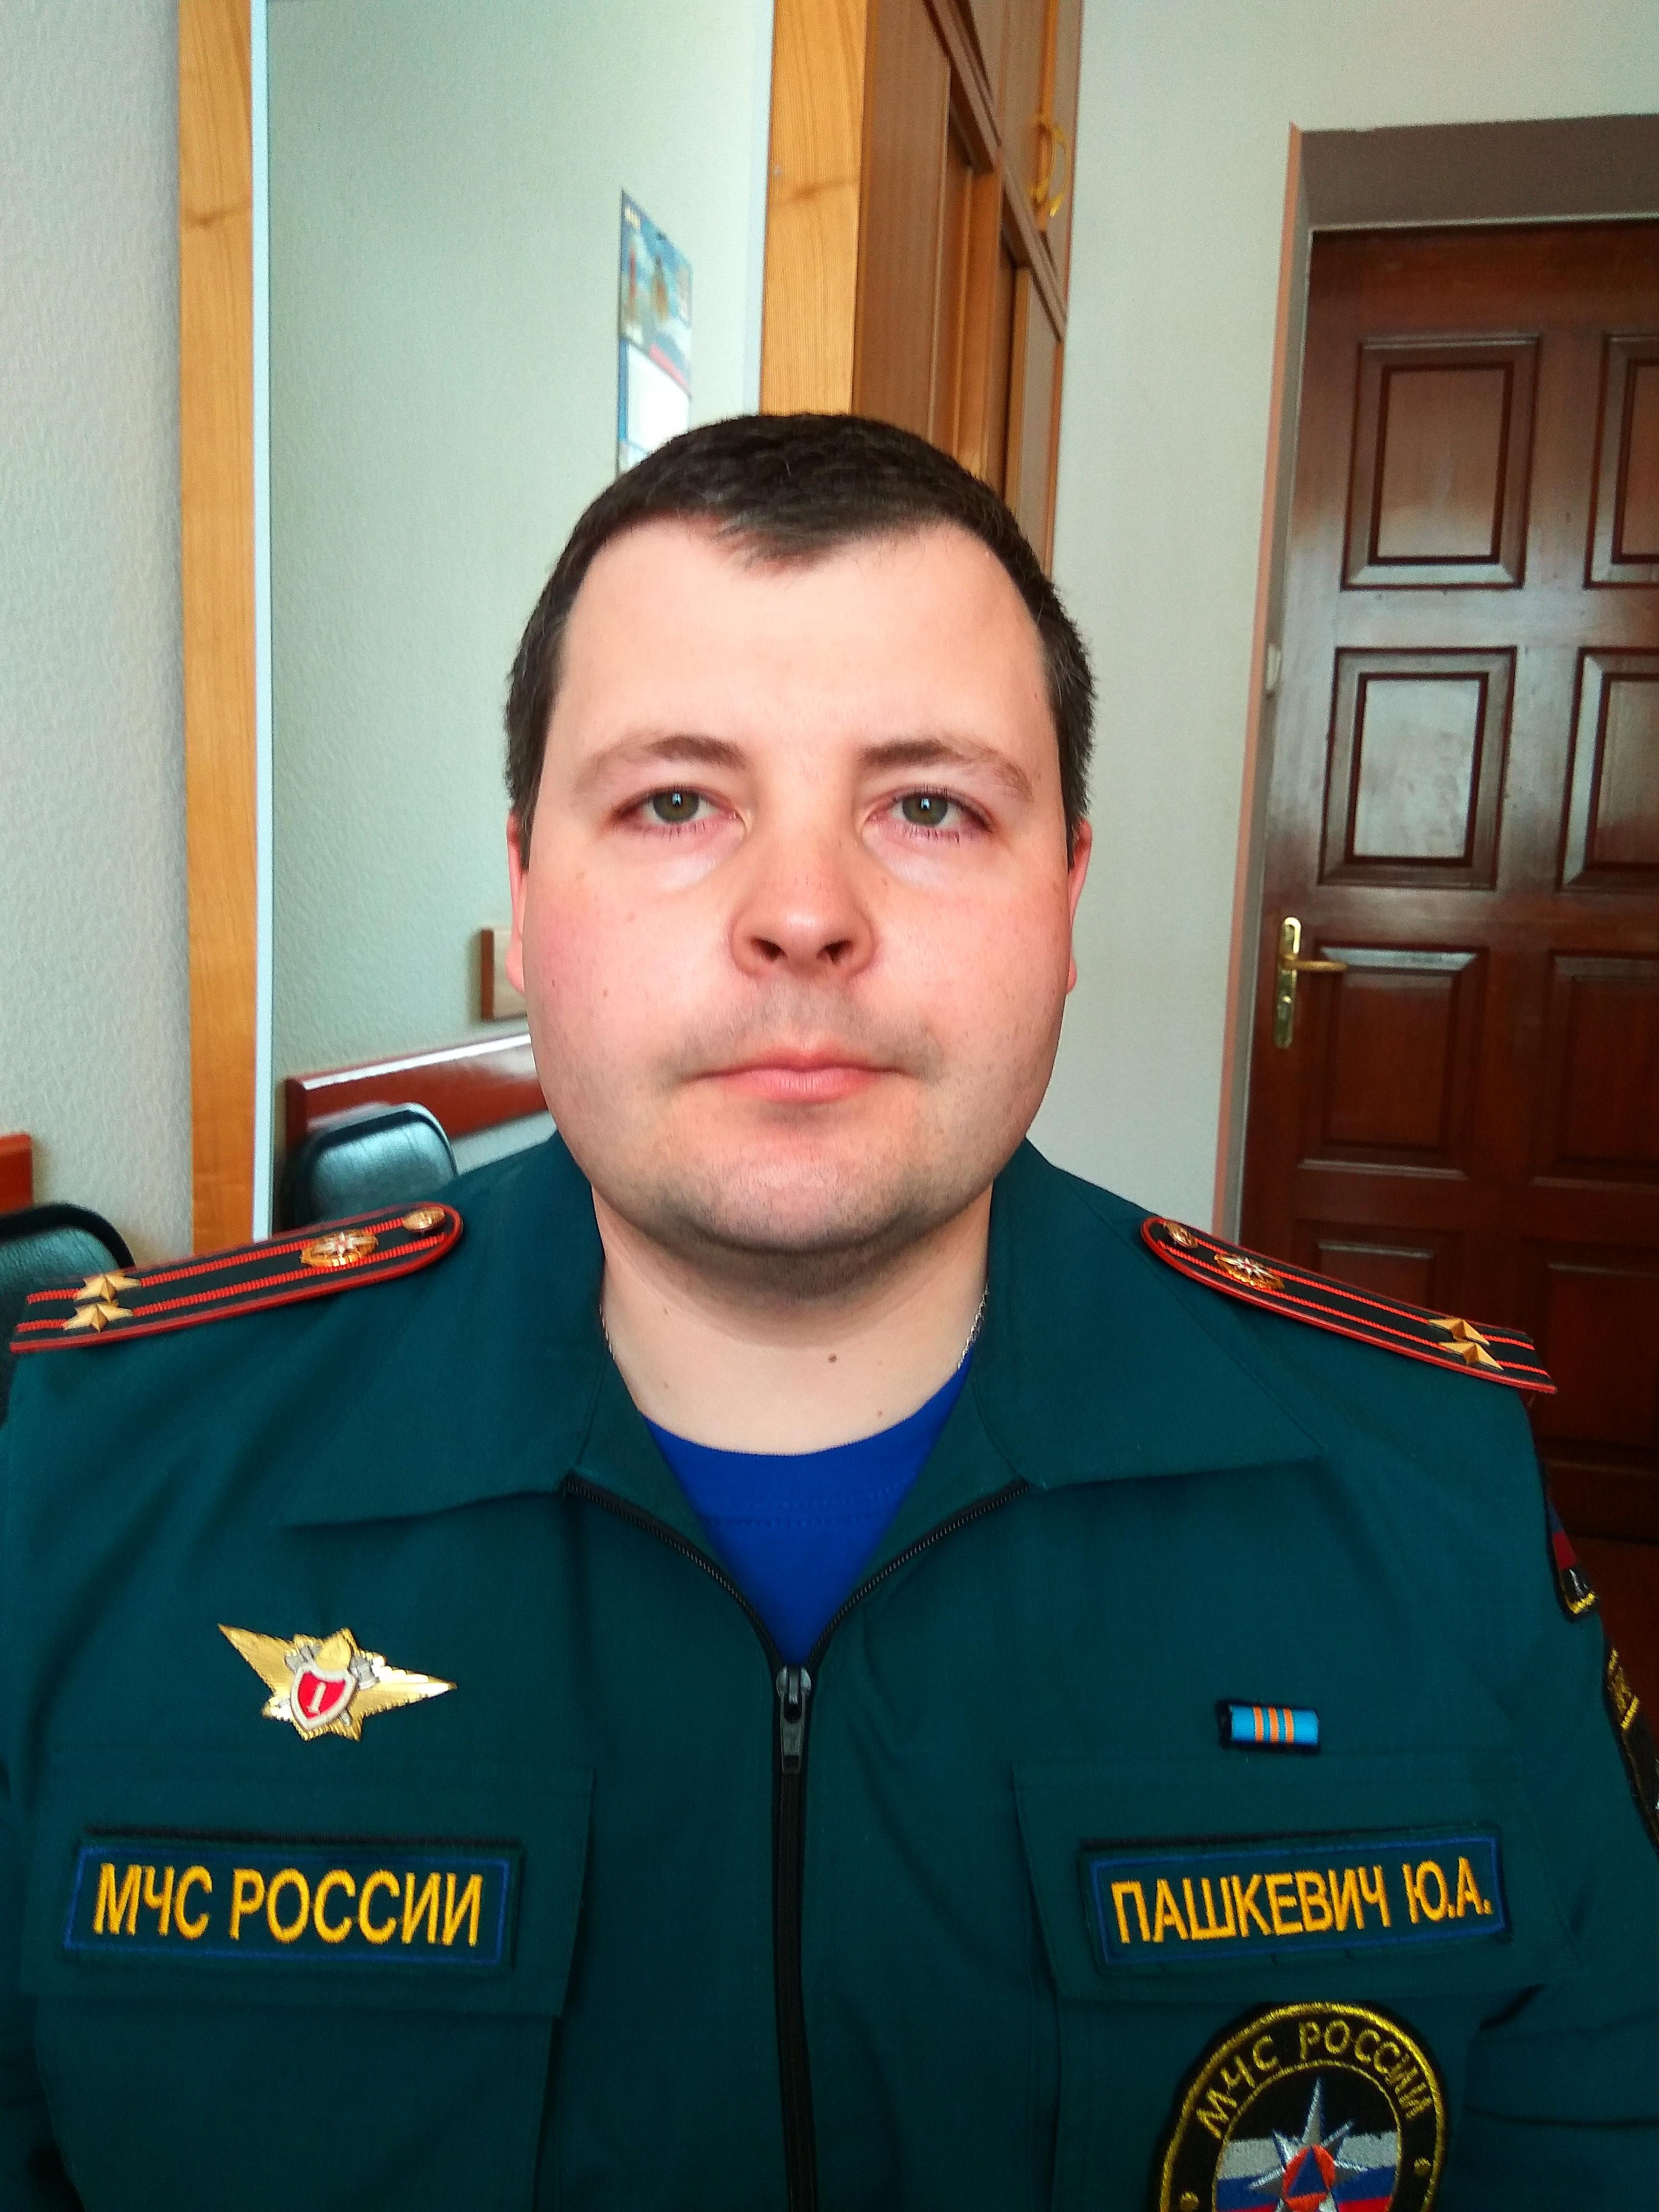 Пашкевич Юрий Александрович